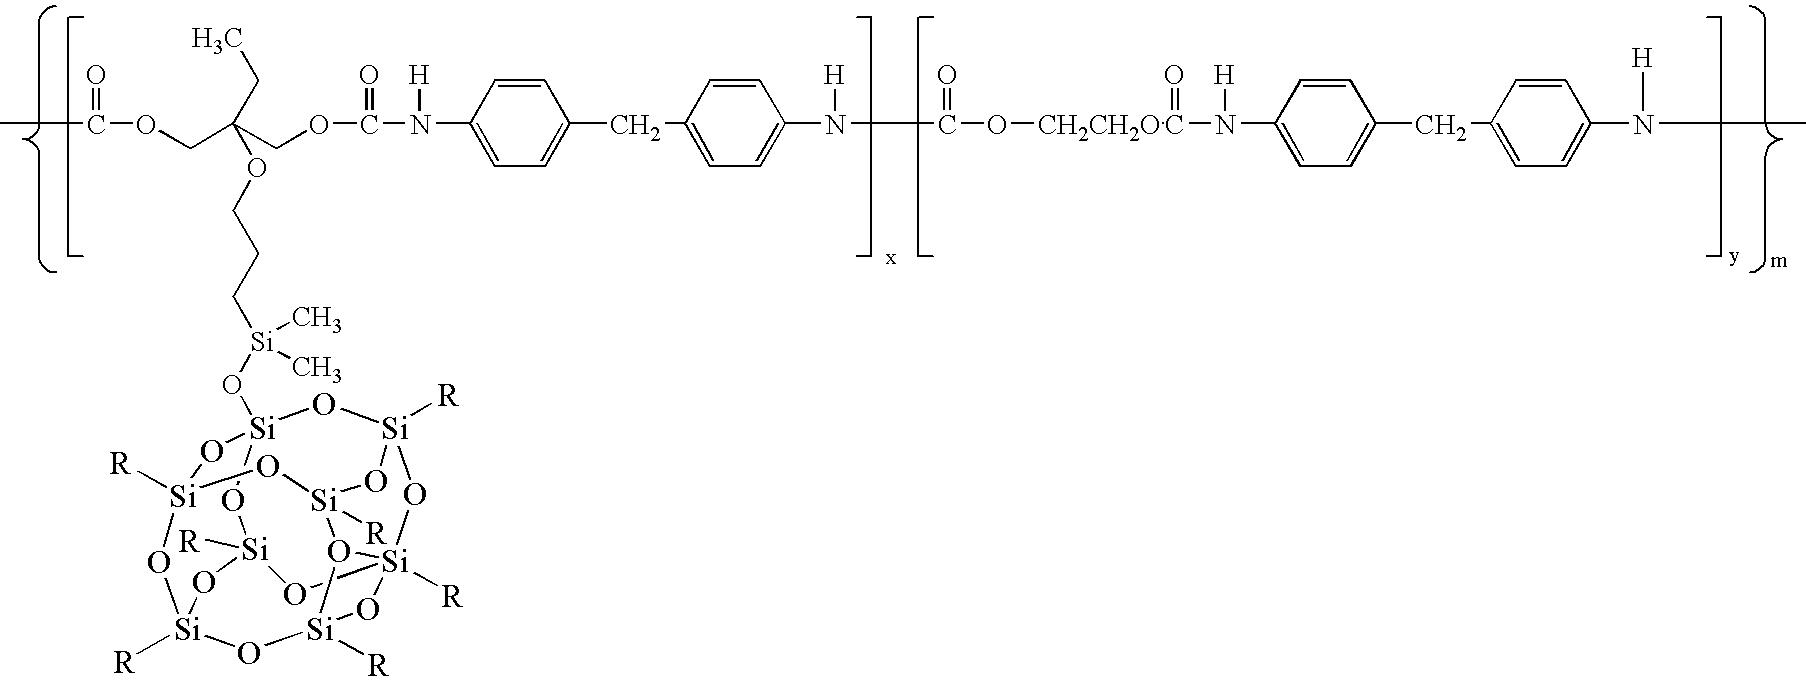 Figure US20040116641A1-20040617-C00008